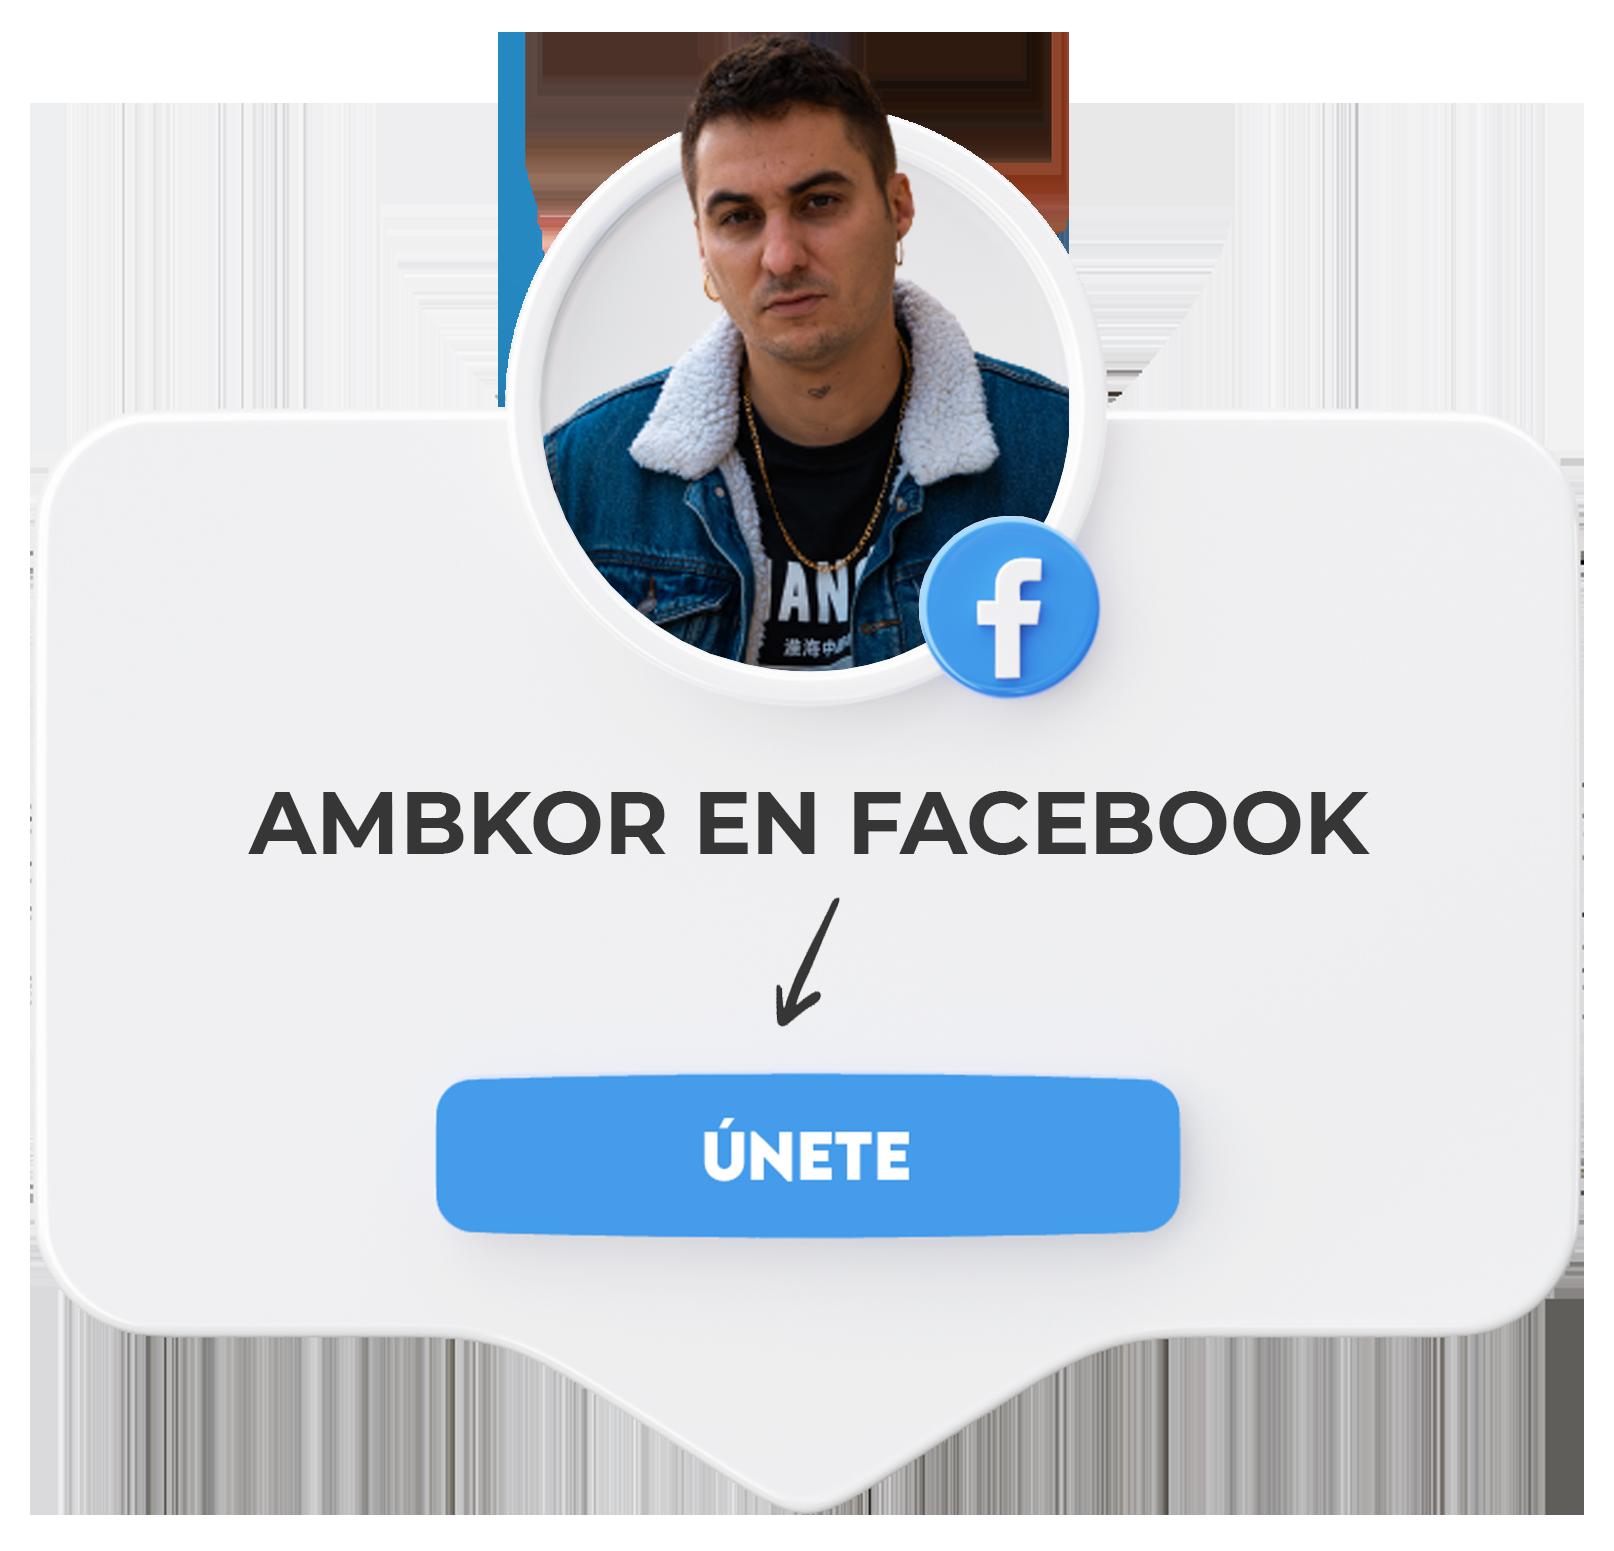 Ambkor en Facebook